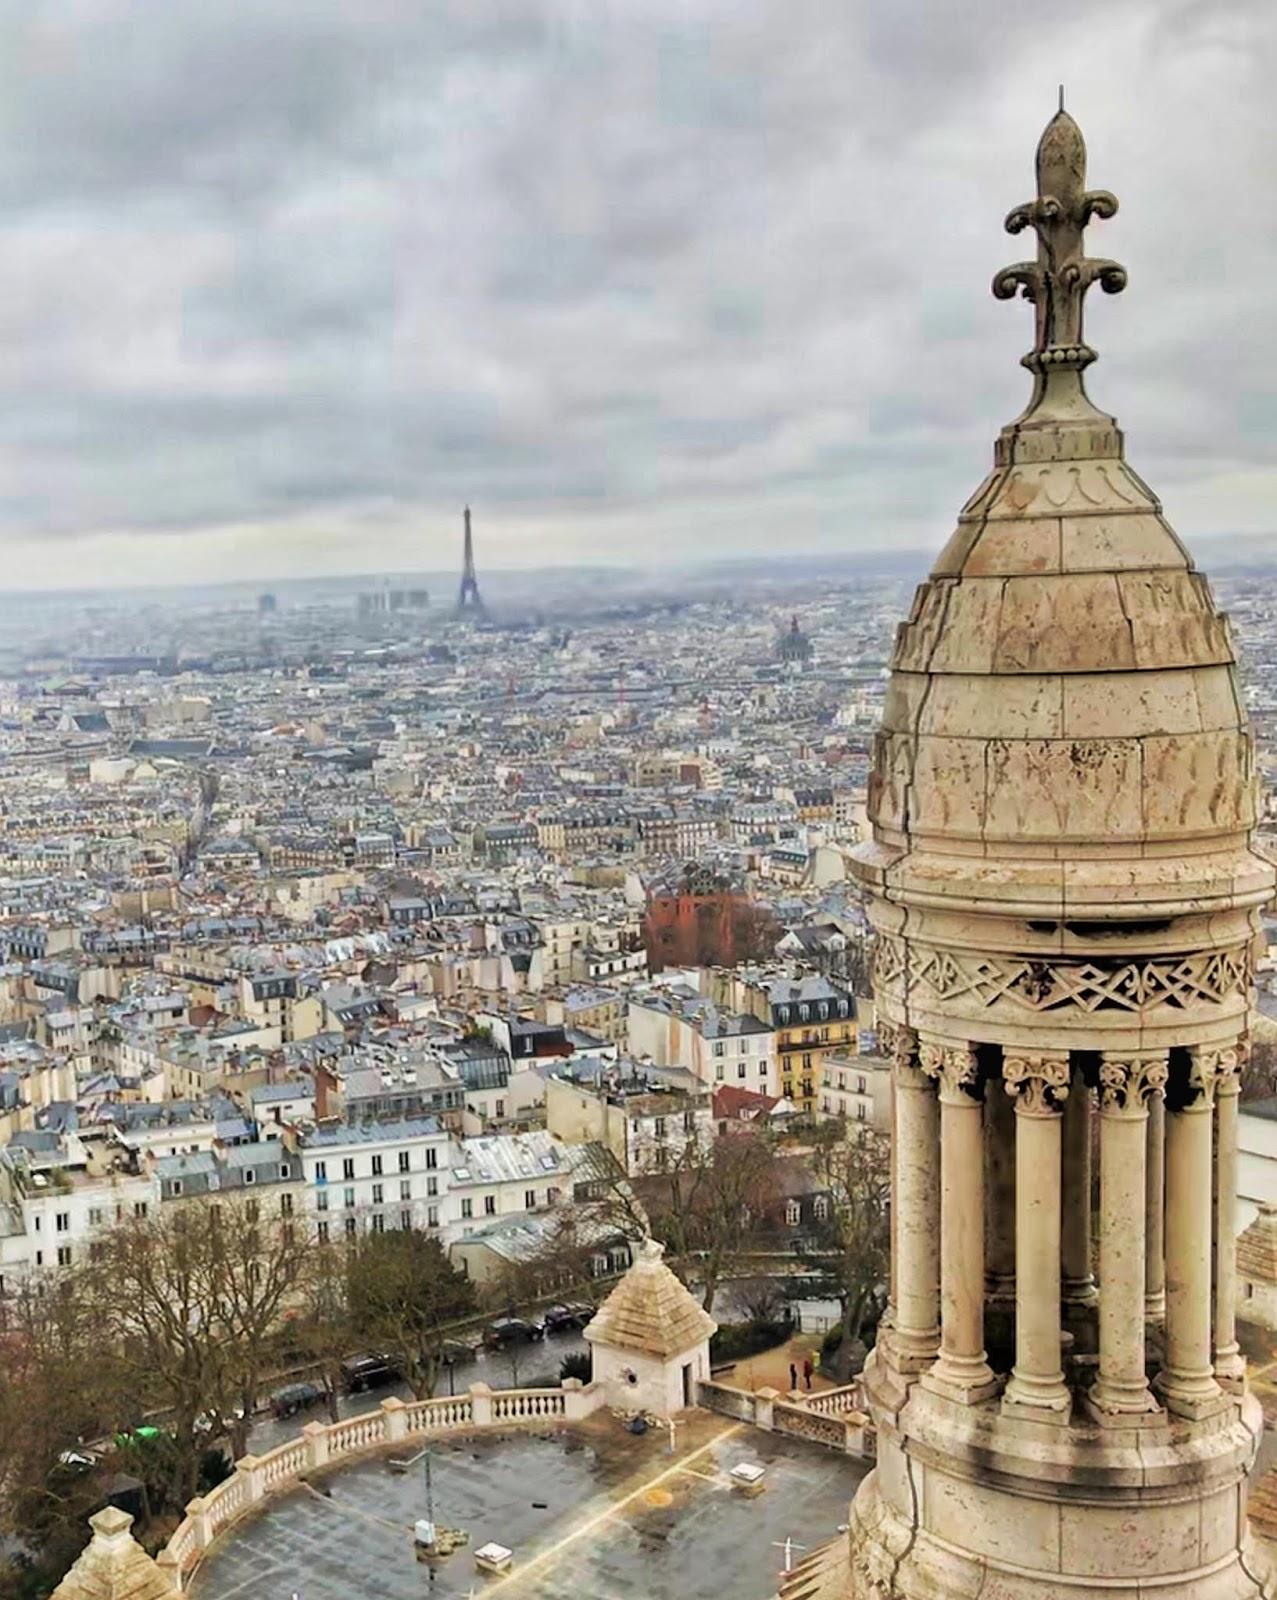 Sacré-Cœur, views, Paris views, Paris in winter, rainy day in Paris, Cloudy day in Paris, view of the eiffel tower, view of paris